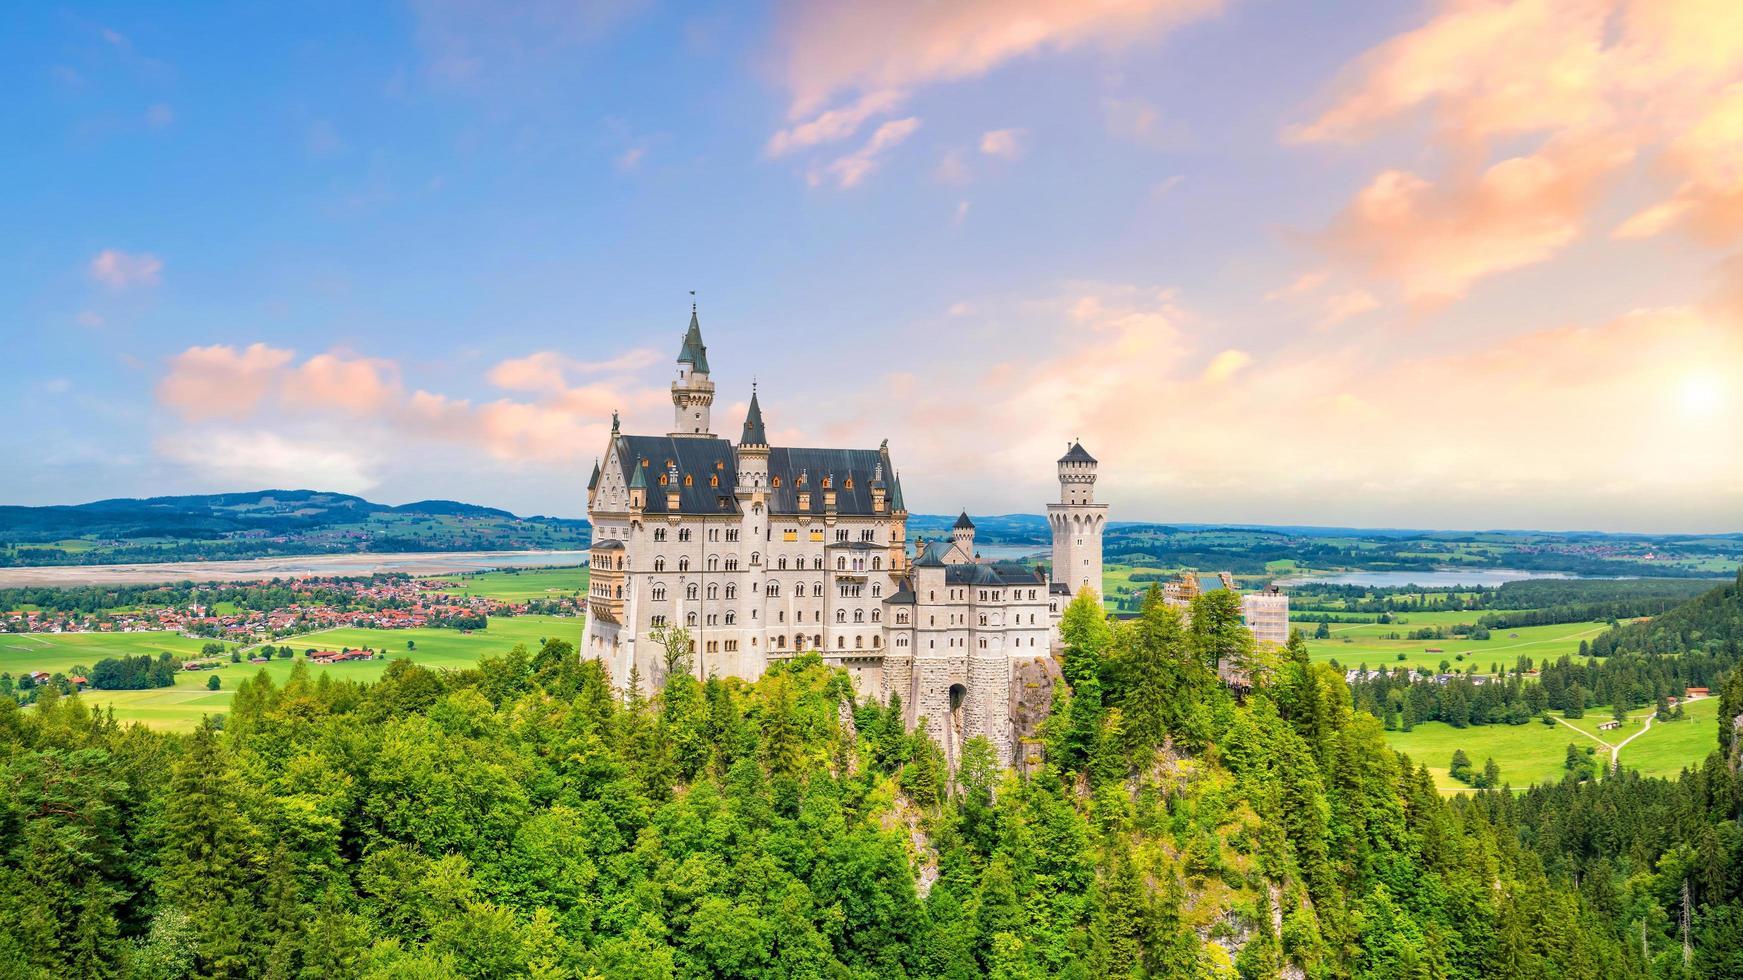 castelo neuschwanstein mundialmente famoso, alemanha foto